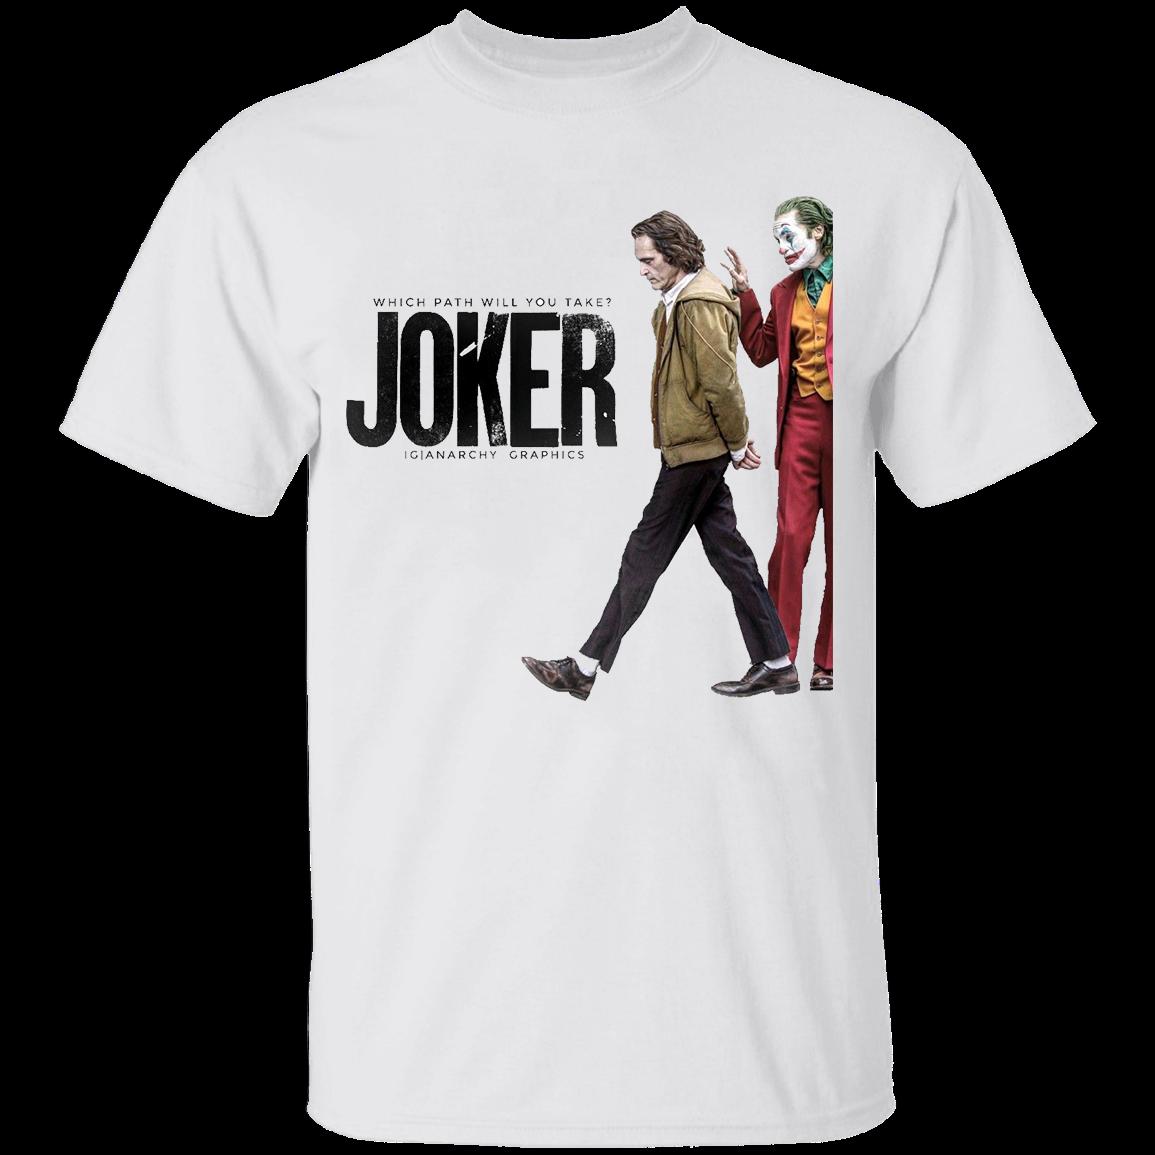 Men's The Joker Joaquin Phoenix 2019 Hot Tee Black T-Shirt S-3XL Men Women Unisex Fashion Tshirt Free Shipping